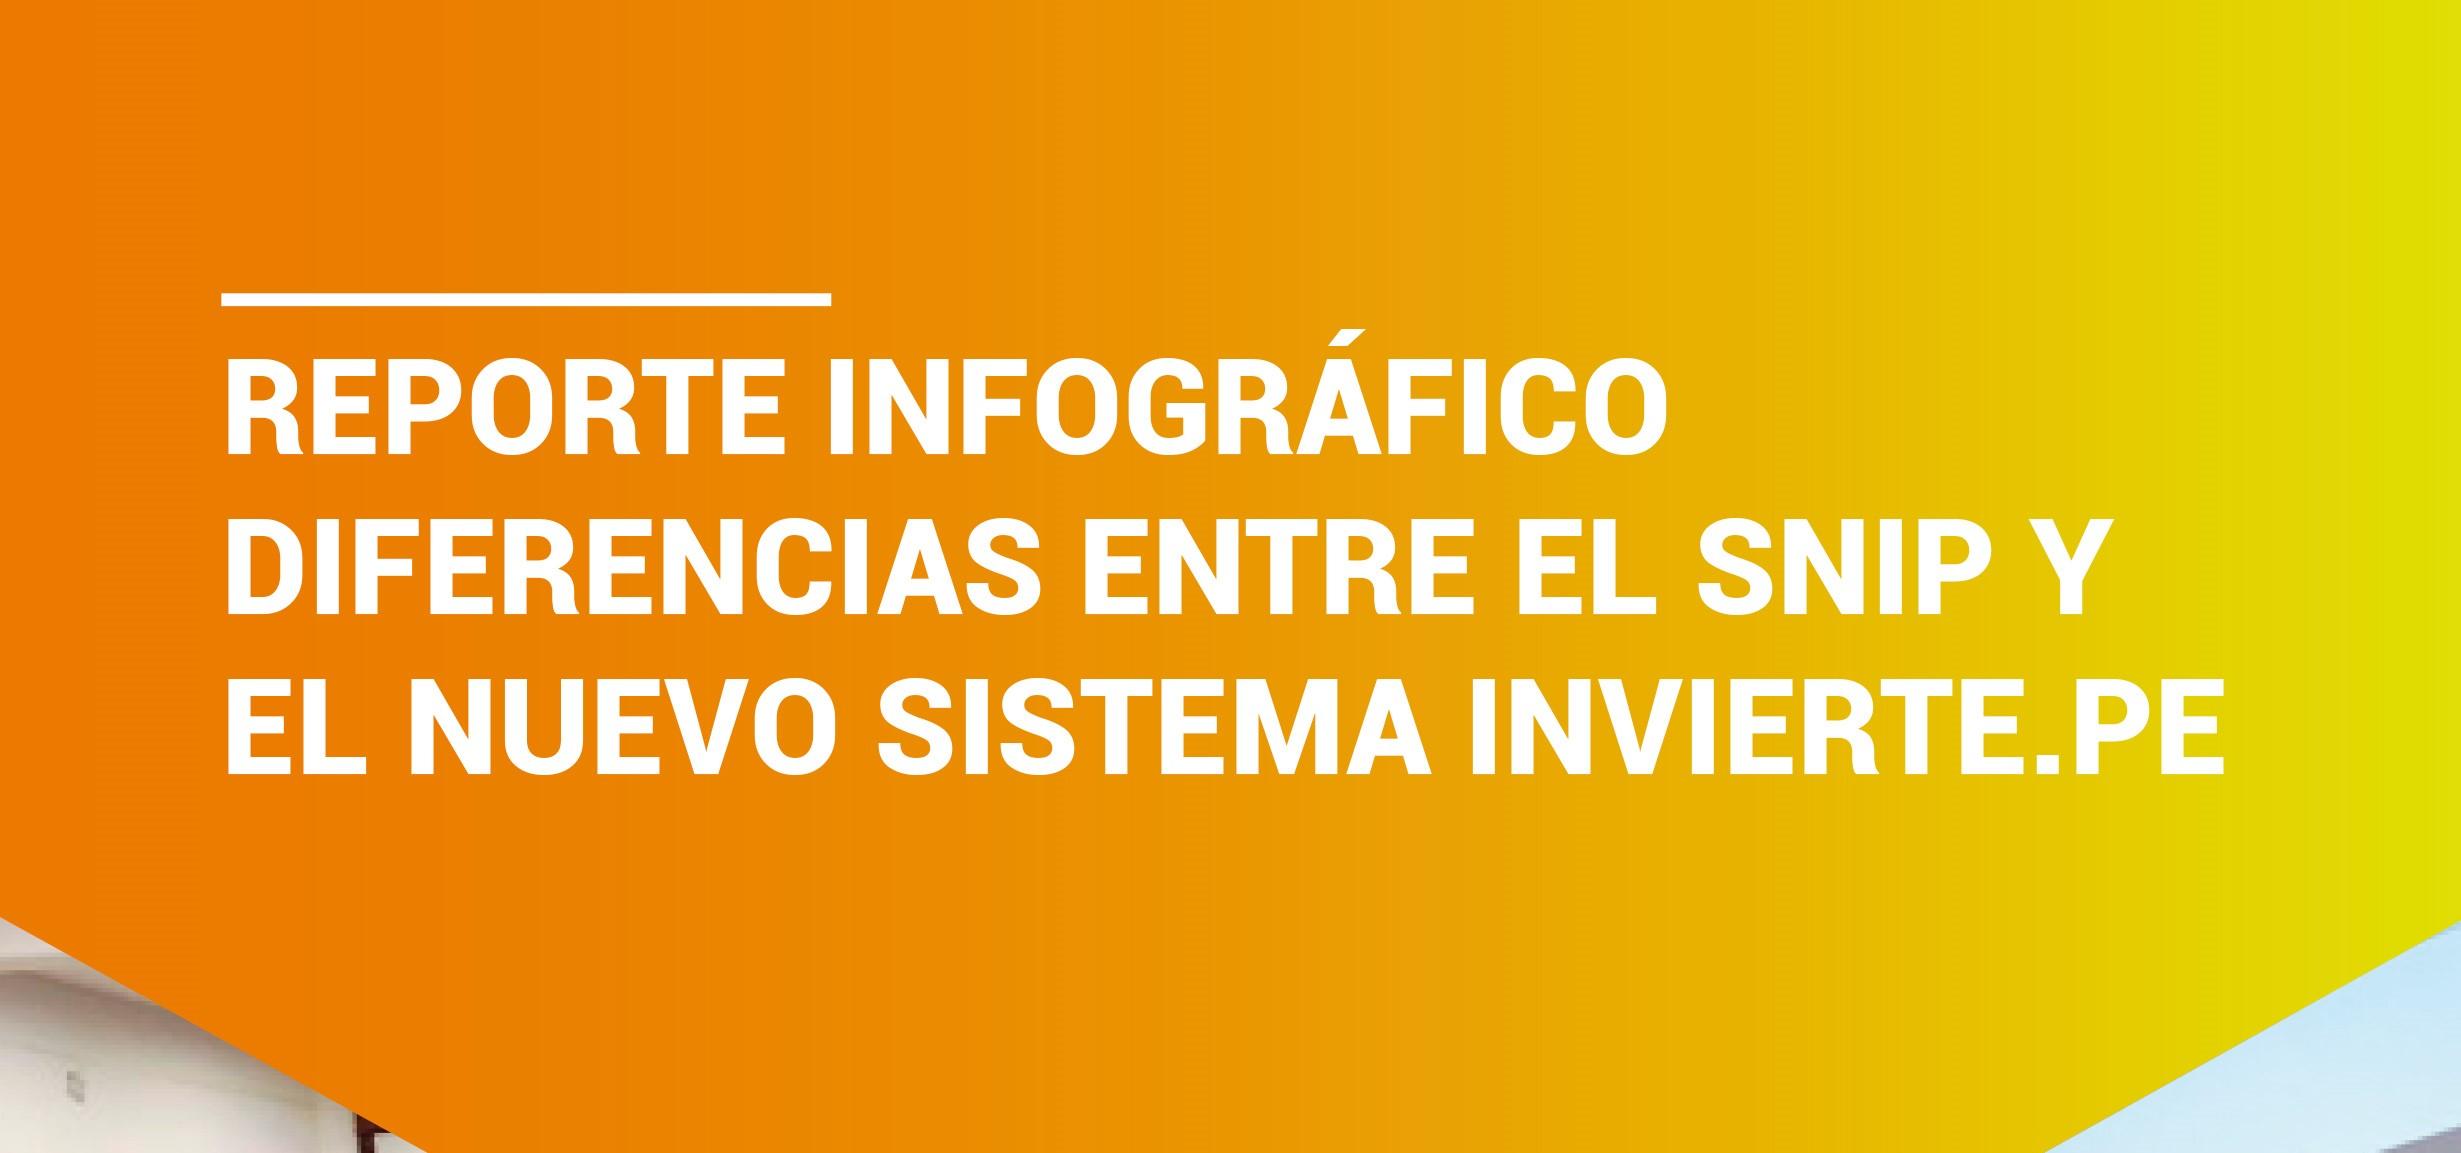 REPORTE INFOGRÁFICO OBRAS POR IMPUESTO: Beneficios Para Las Empresas Financistas